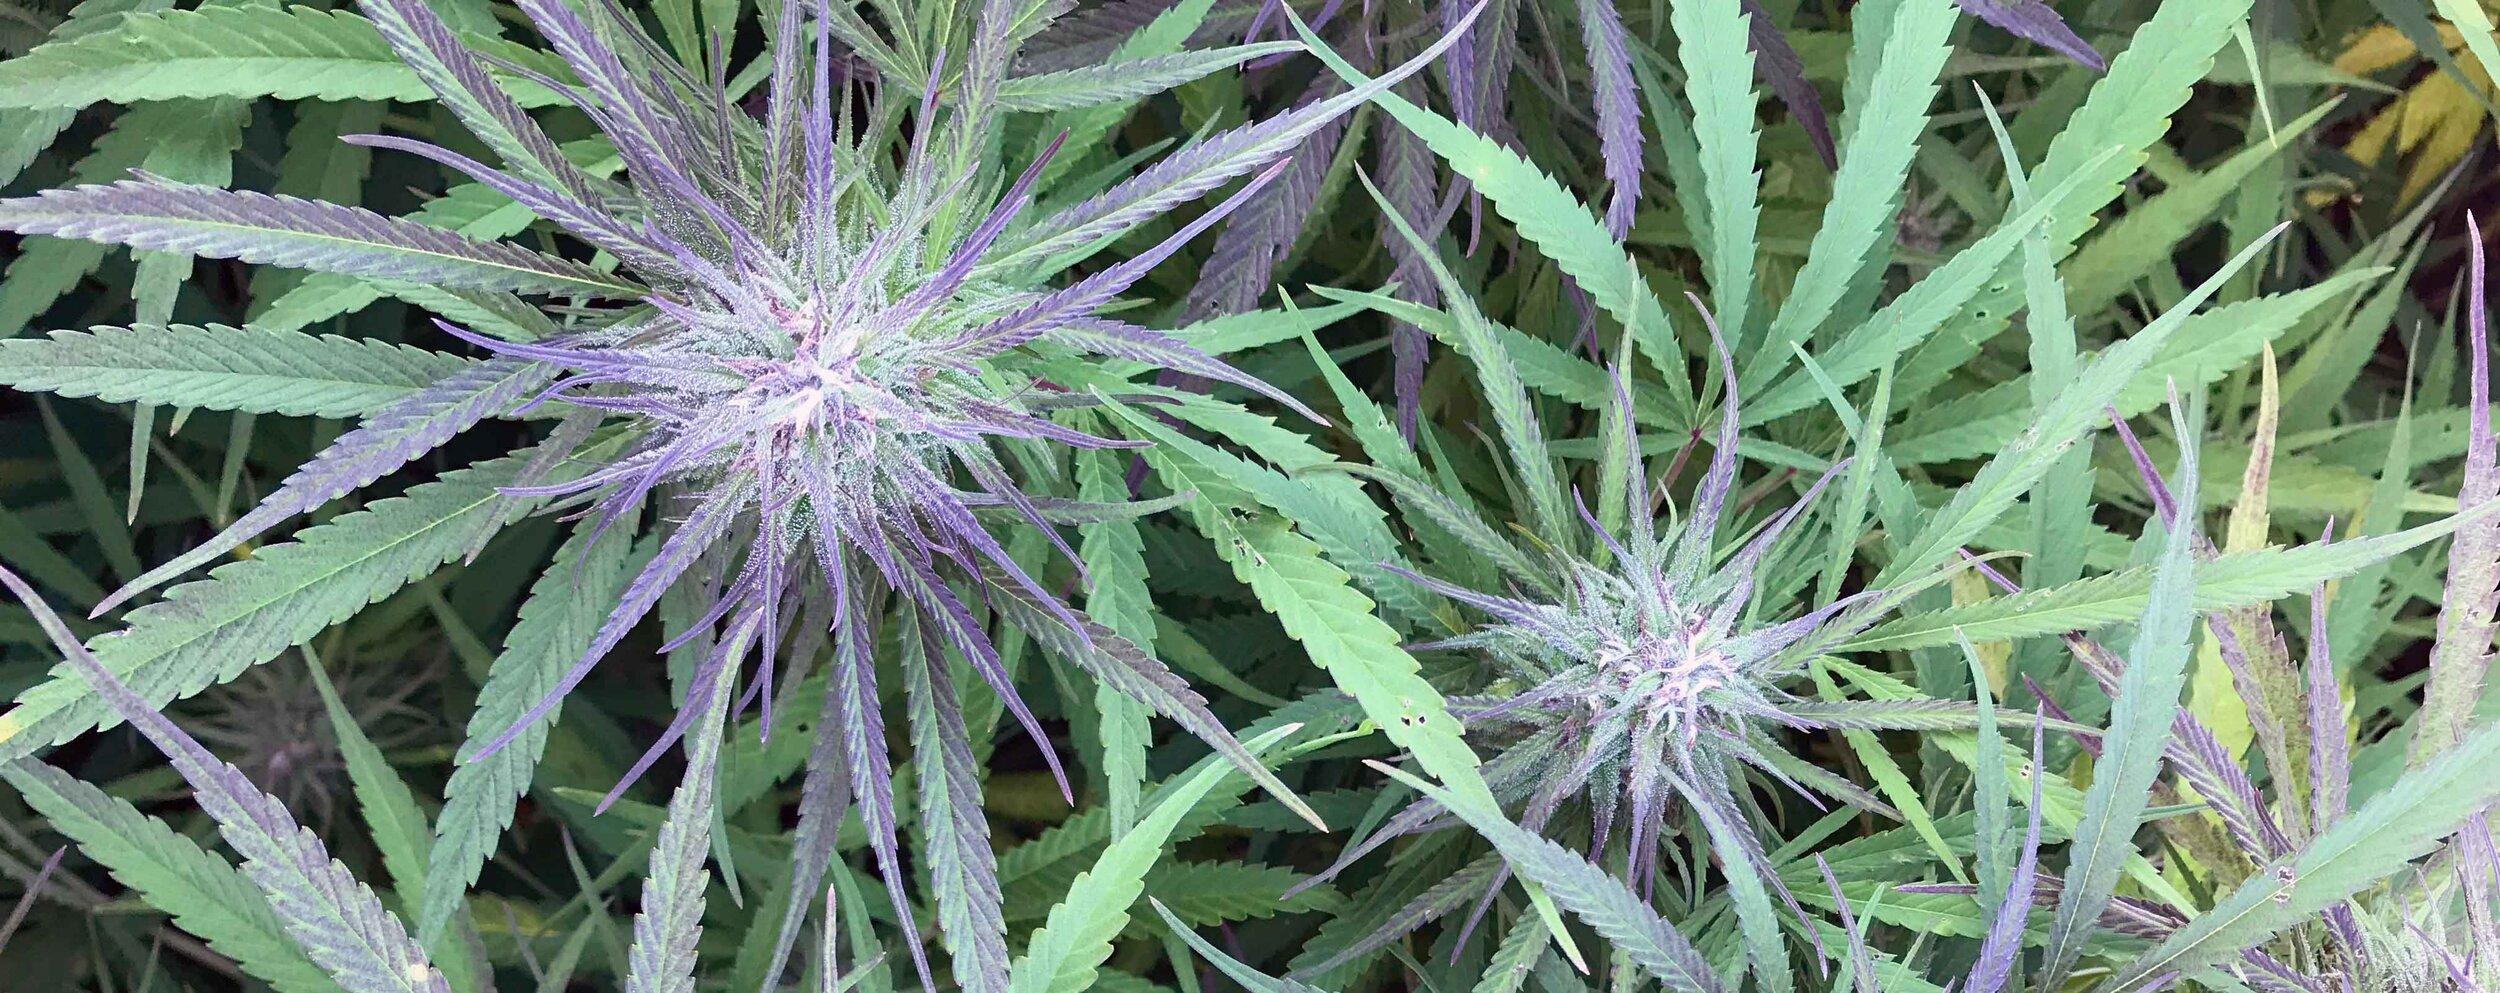 purple hemp strip.jpg